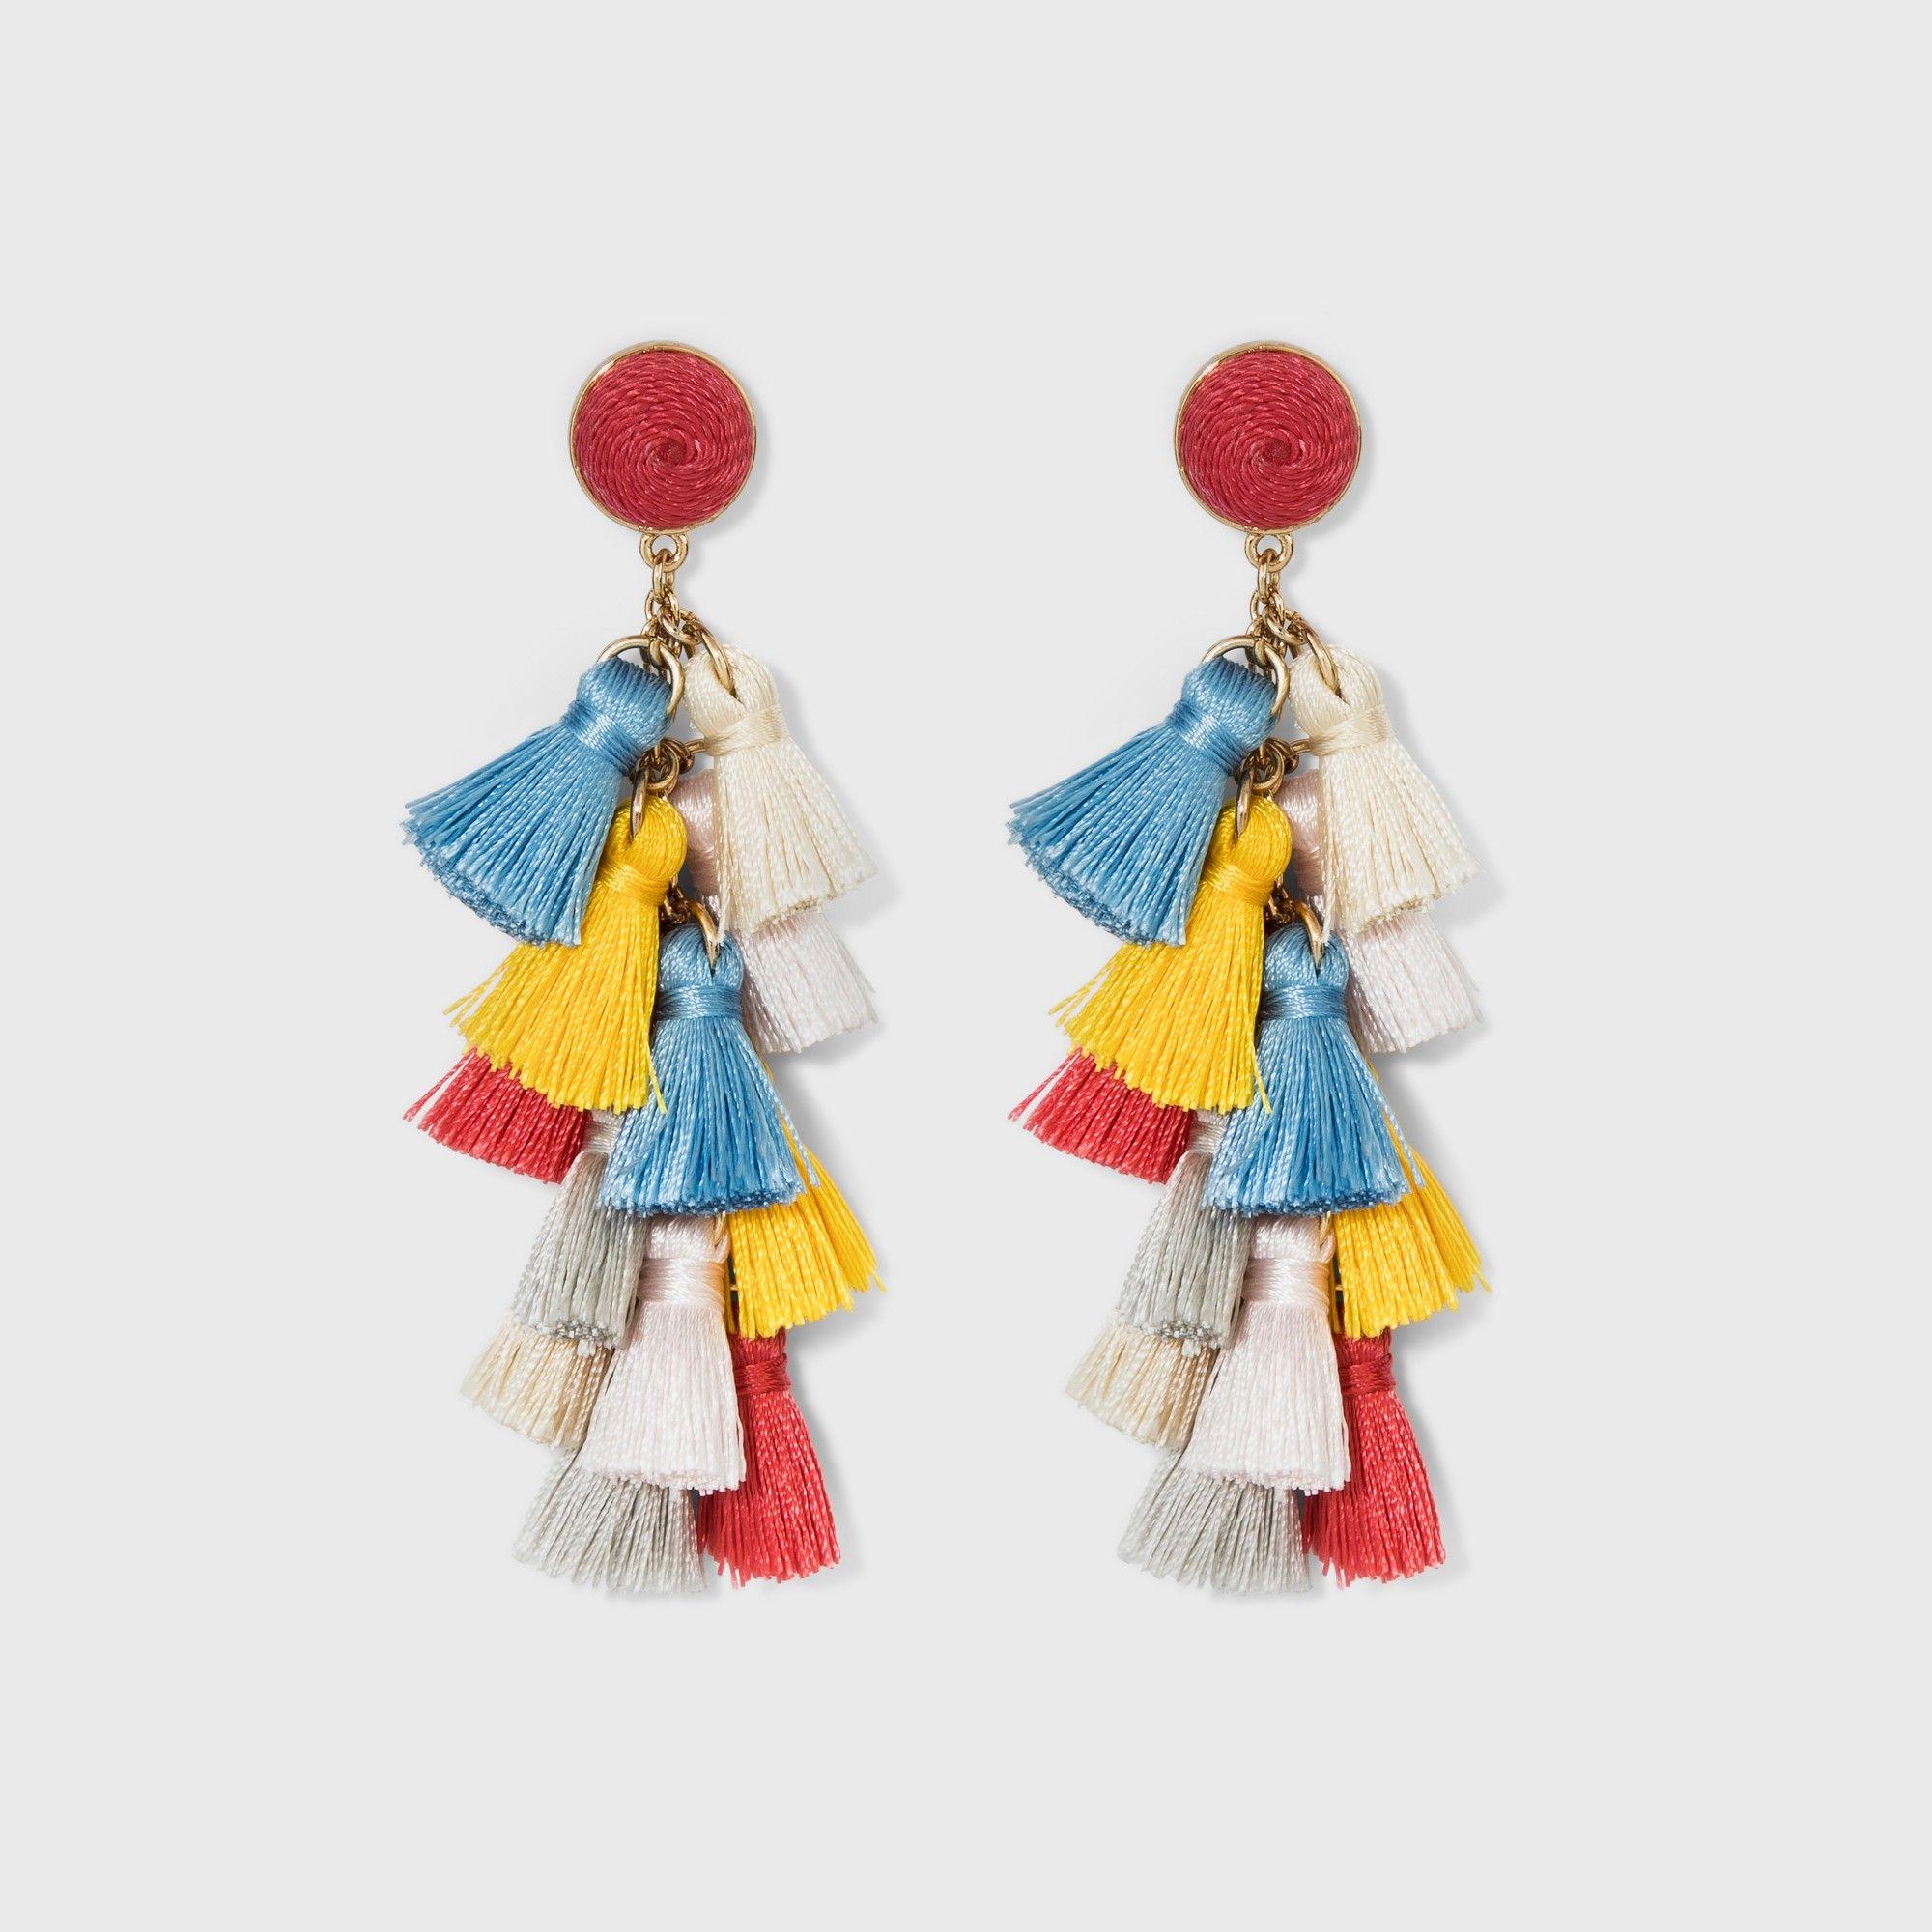 35483f721d12b SUGARFIX by BaubleBar Multi-Tassel Drop Earrings, Women's ...